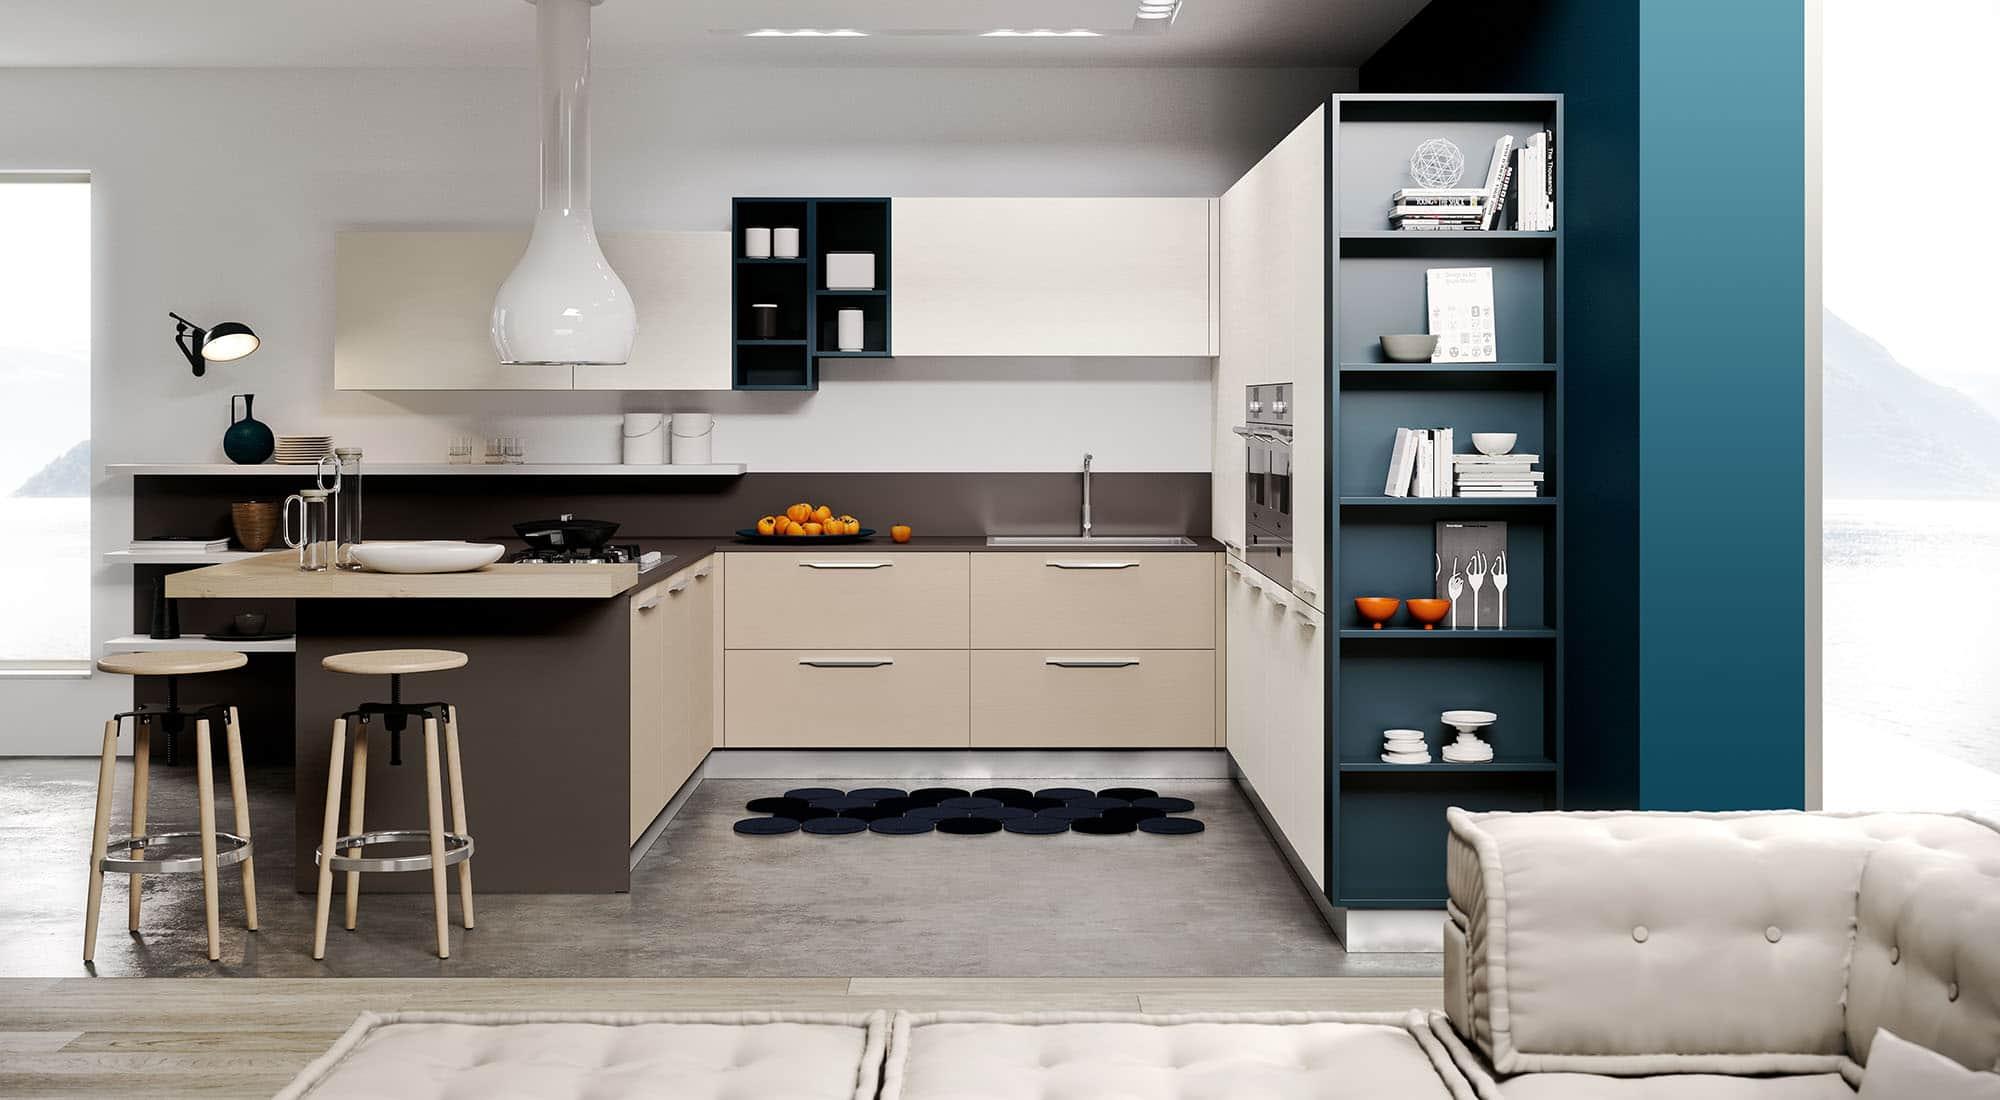 Vendita cucine padova negozio di arredamento cucine - Cucine moderne piccole ad angolo ...